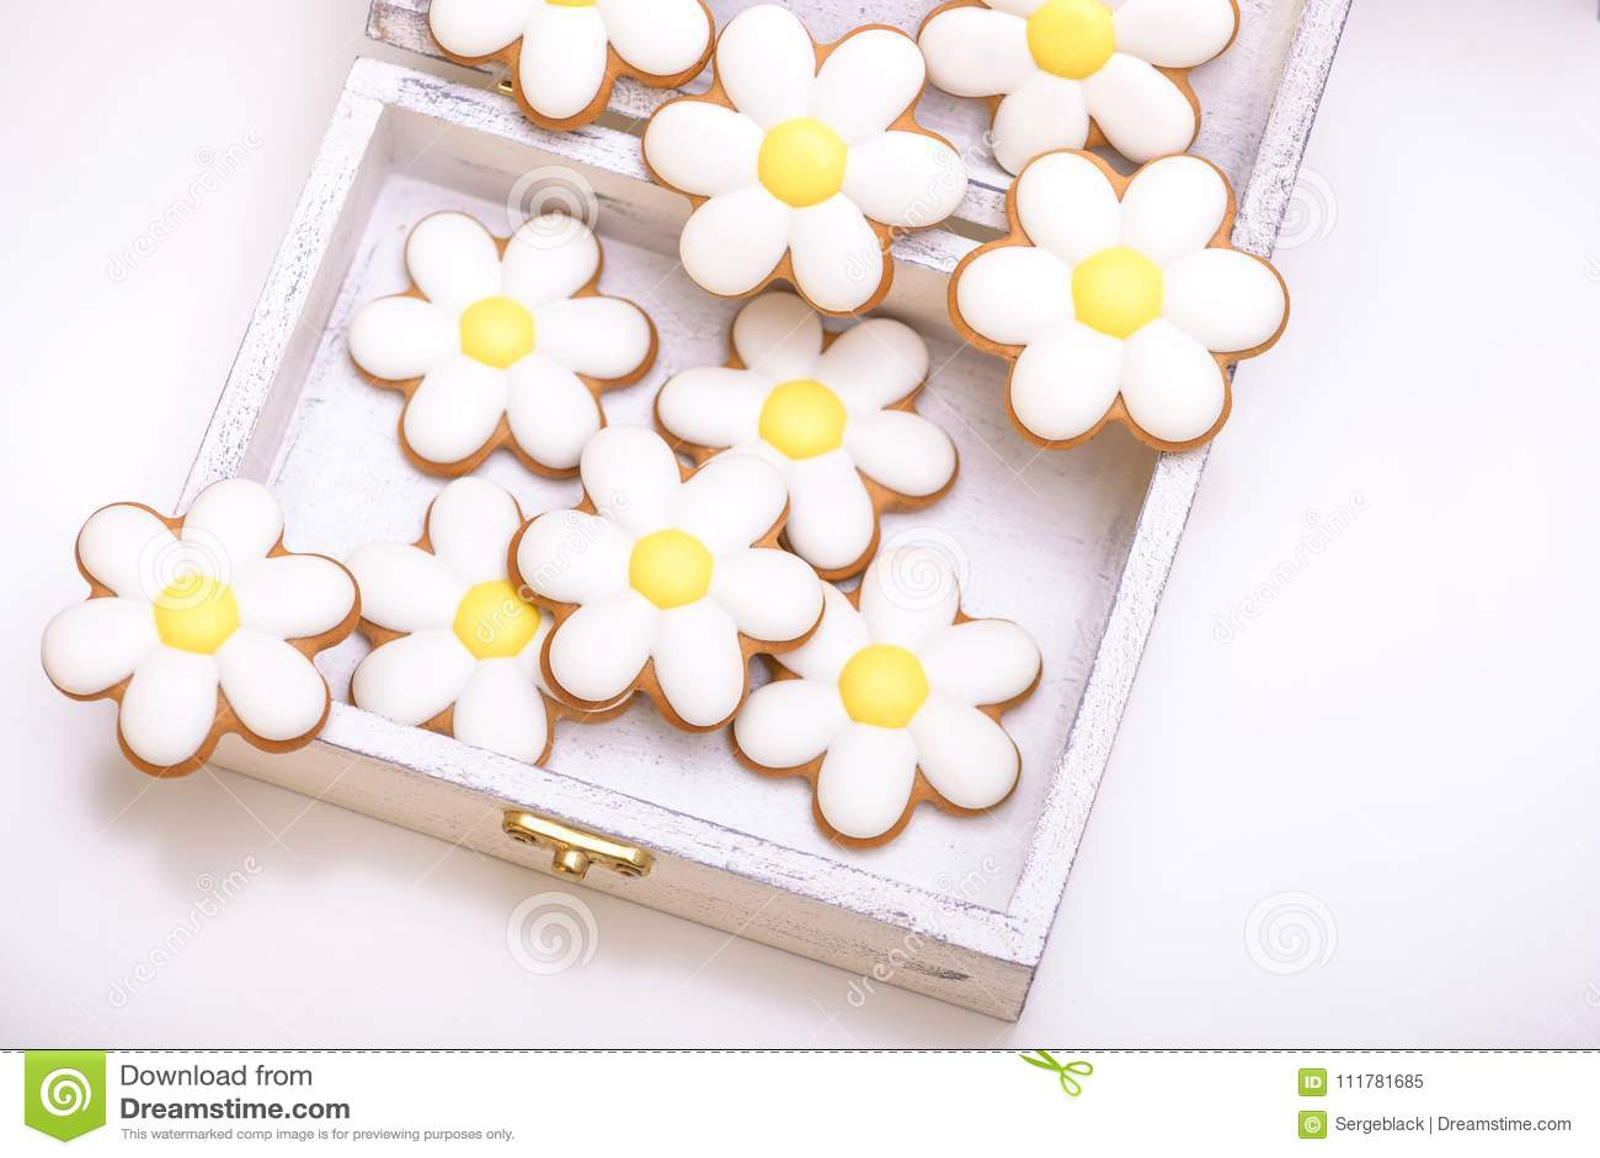 Biscuits de pain d épice sous forme de fleurs de camomille